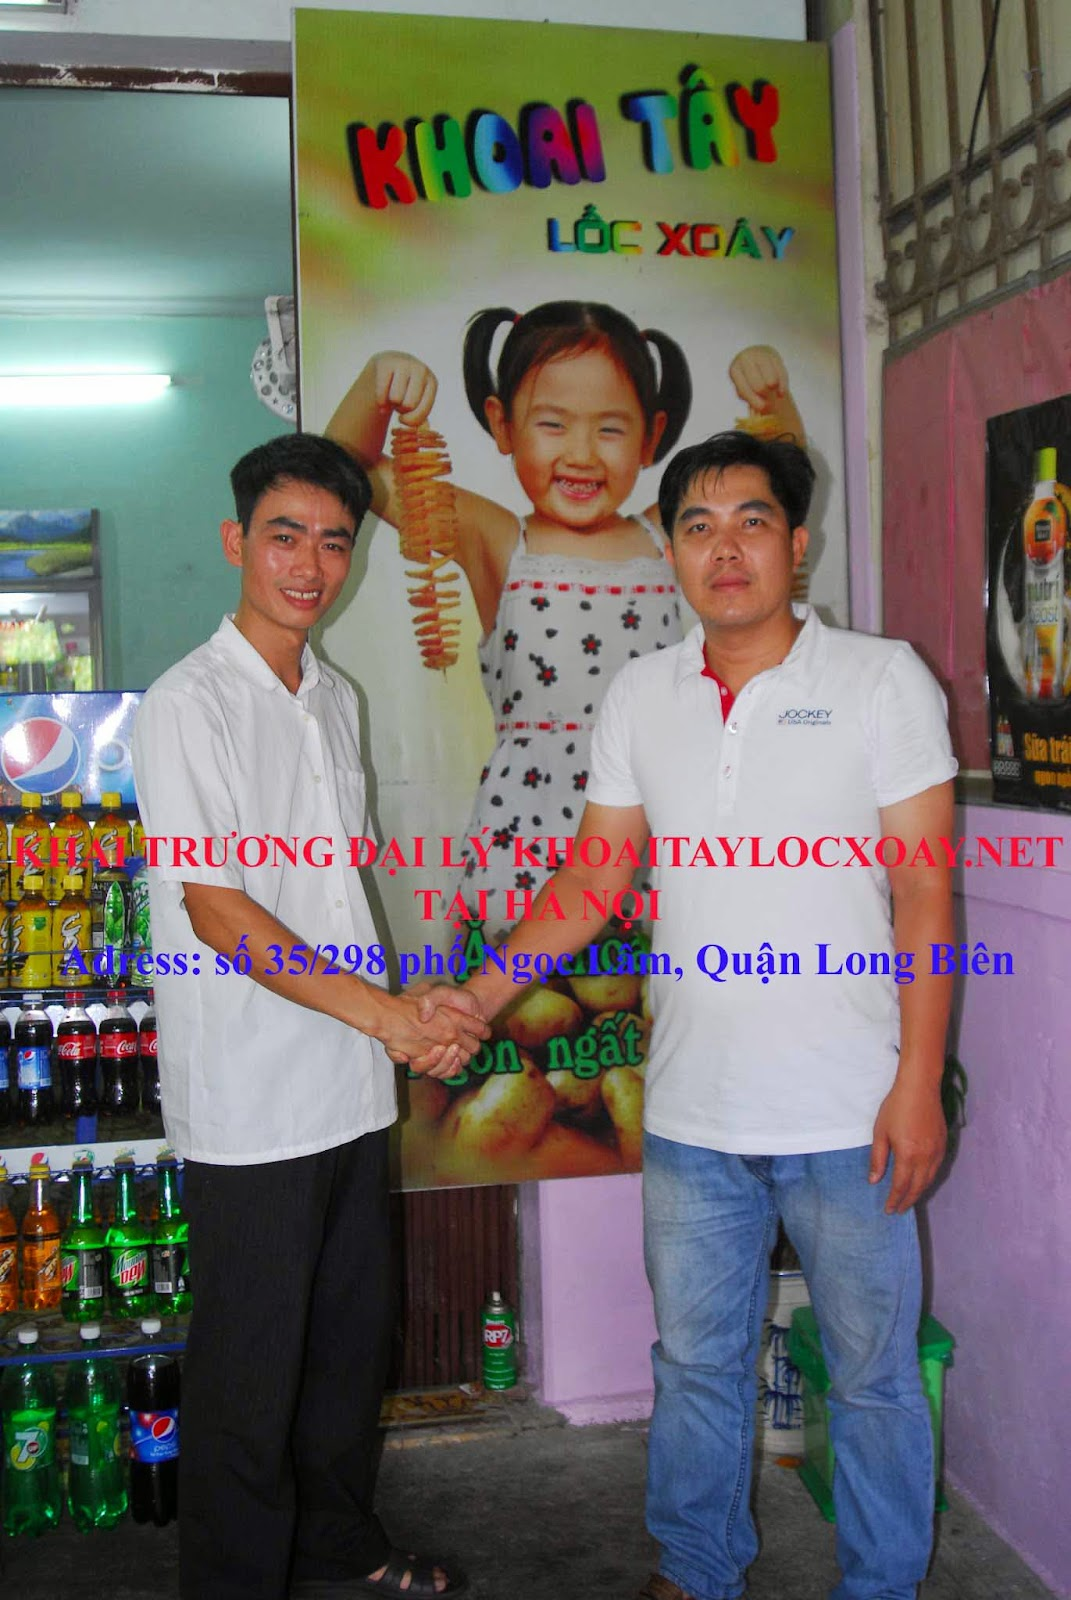 http://www.khoaitaylocxoay.net/2014/05/goi-nhuong-quyen-khoai-tay-loc-xoay.html